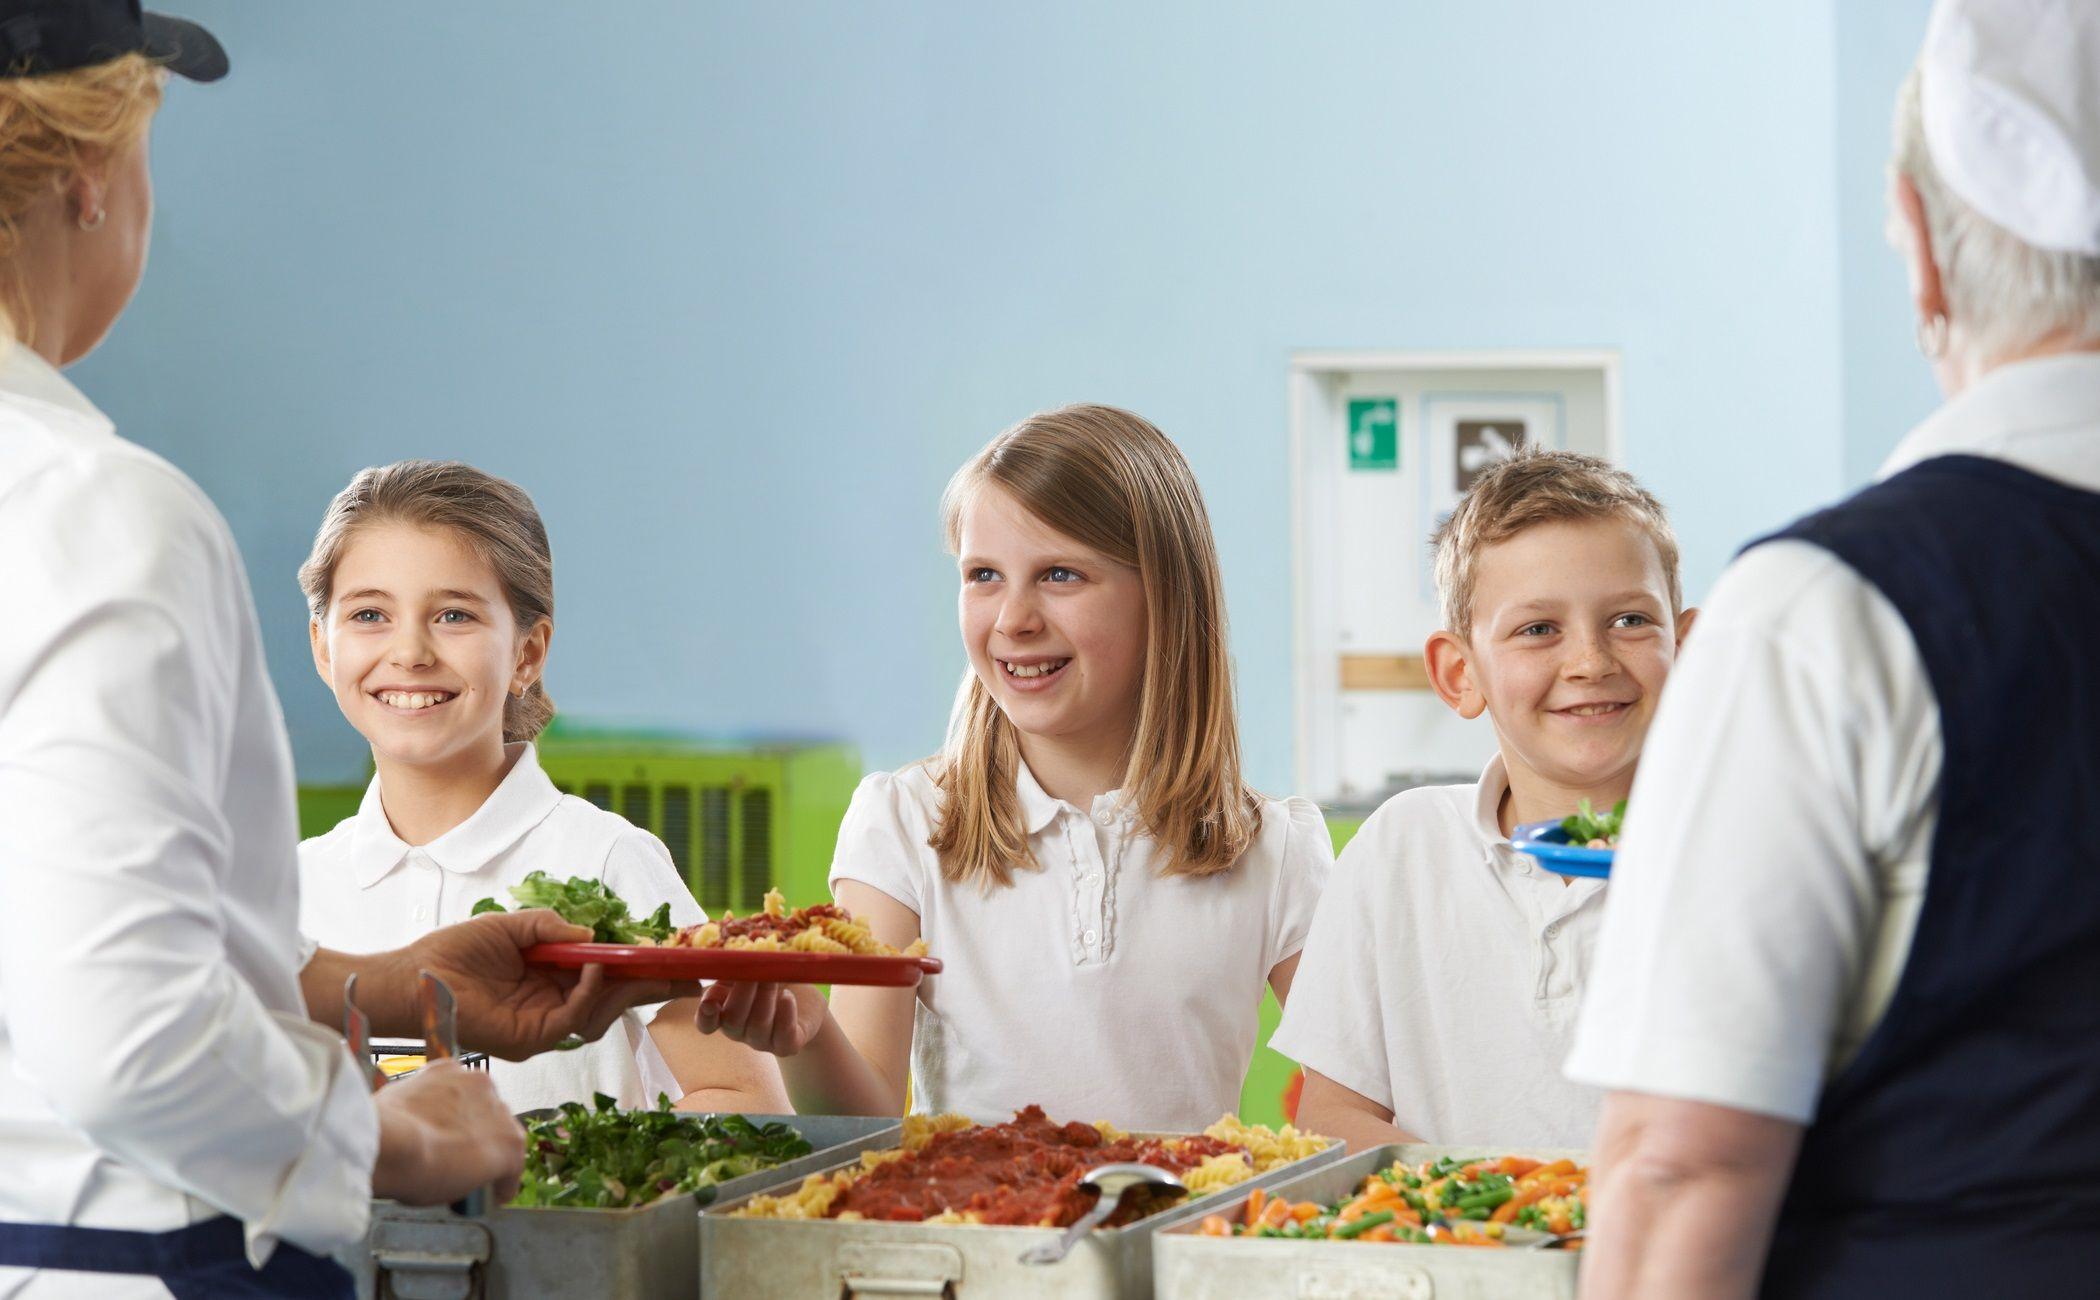 ¿Cómo se realiza la gestión de los comedores escolares?